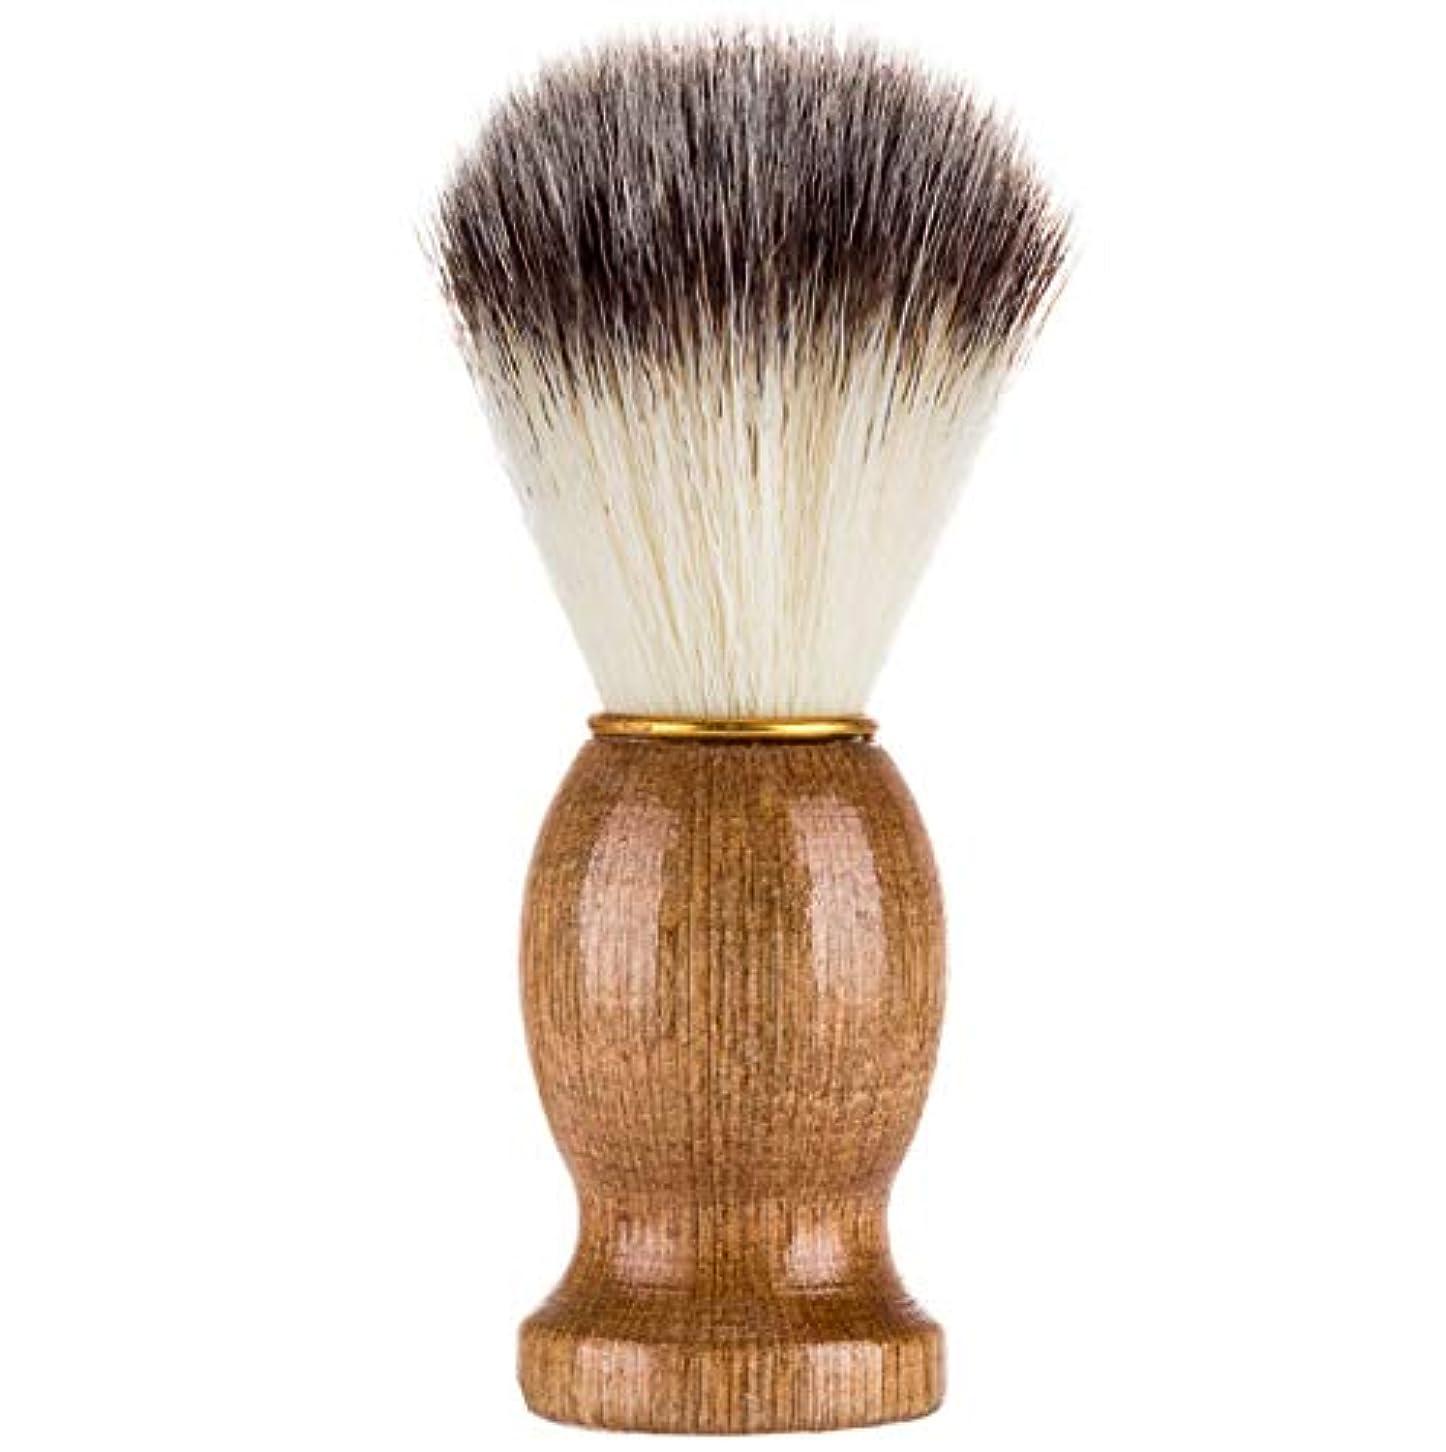 治世砲兵ランタンソフトヘアメイクブラシメンズシェービングブラシ品質剛毛新しいポータブルハイエンドひげブラシ美容ツール